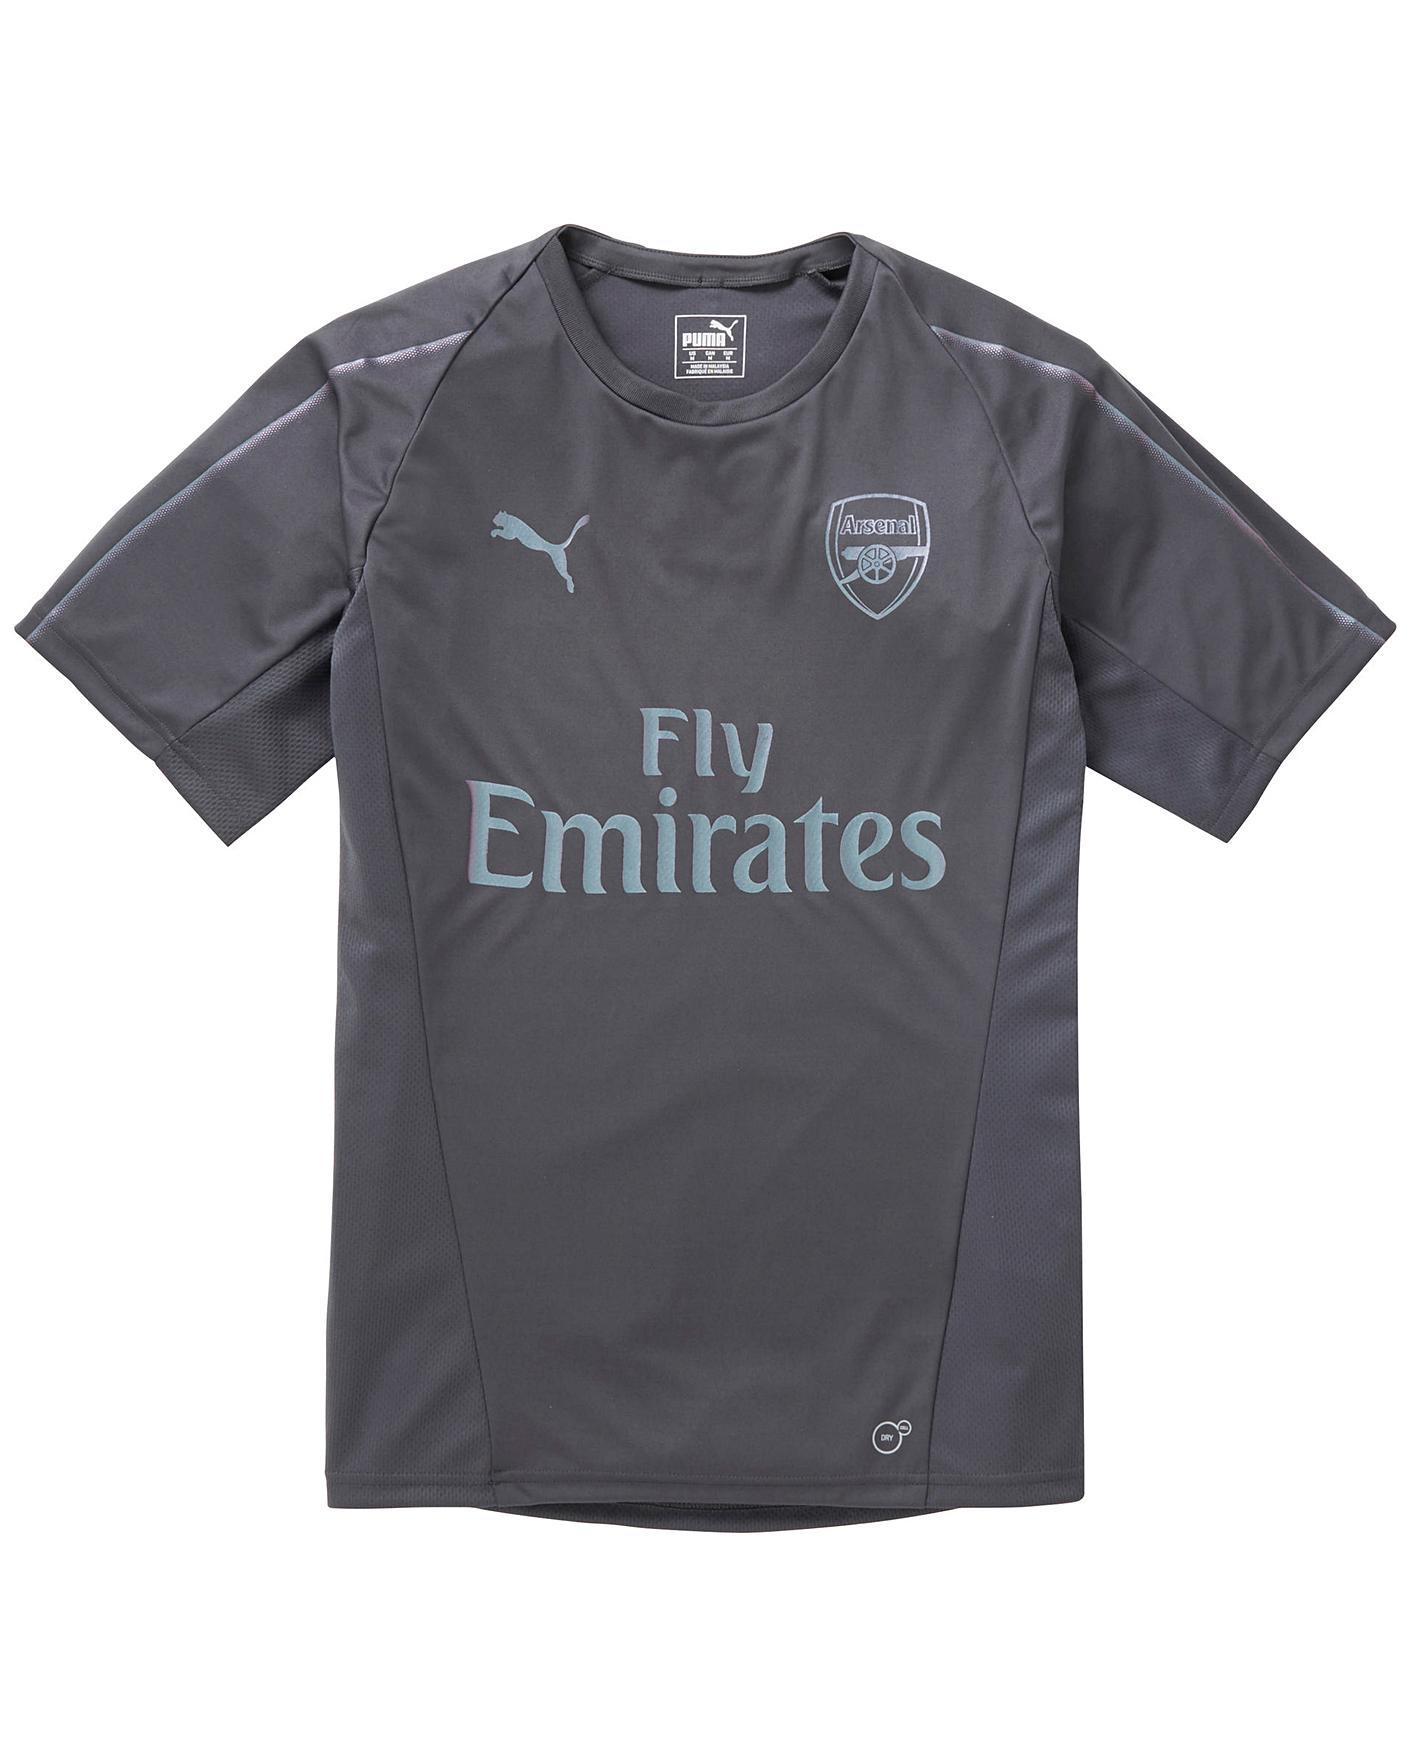 newest a323b bd0e2 Puma Arsenal FC Training Jersey